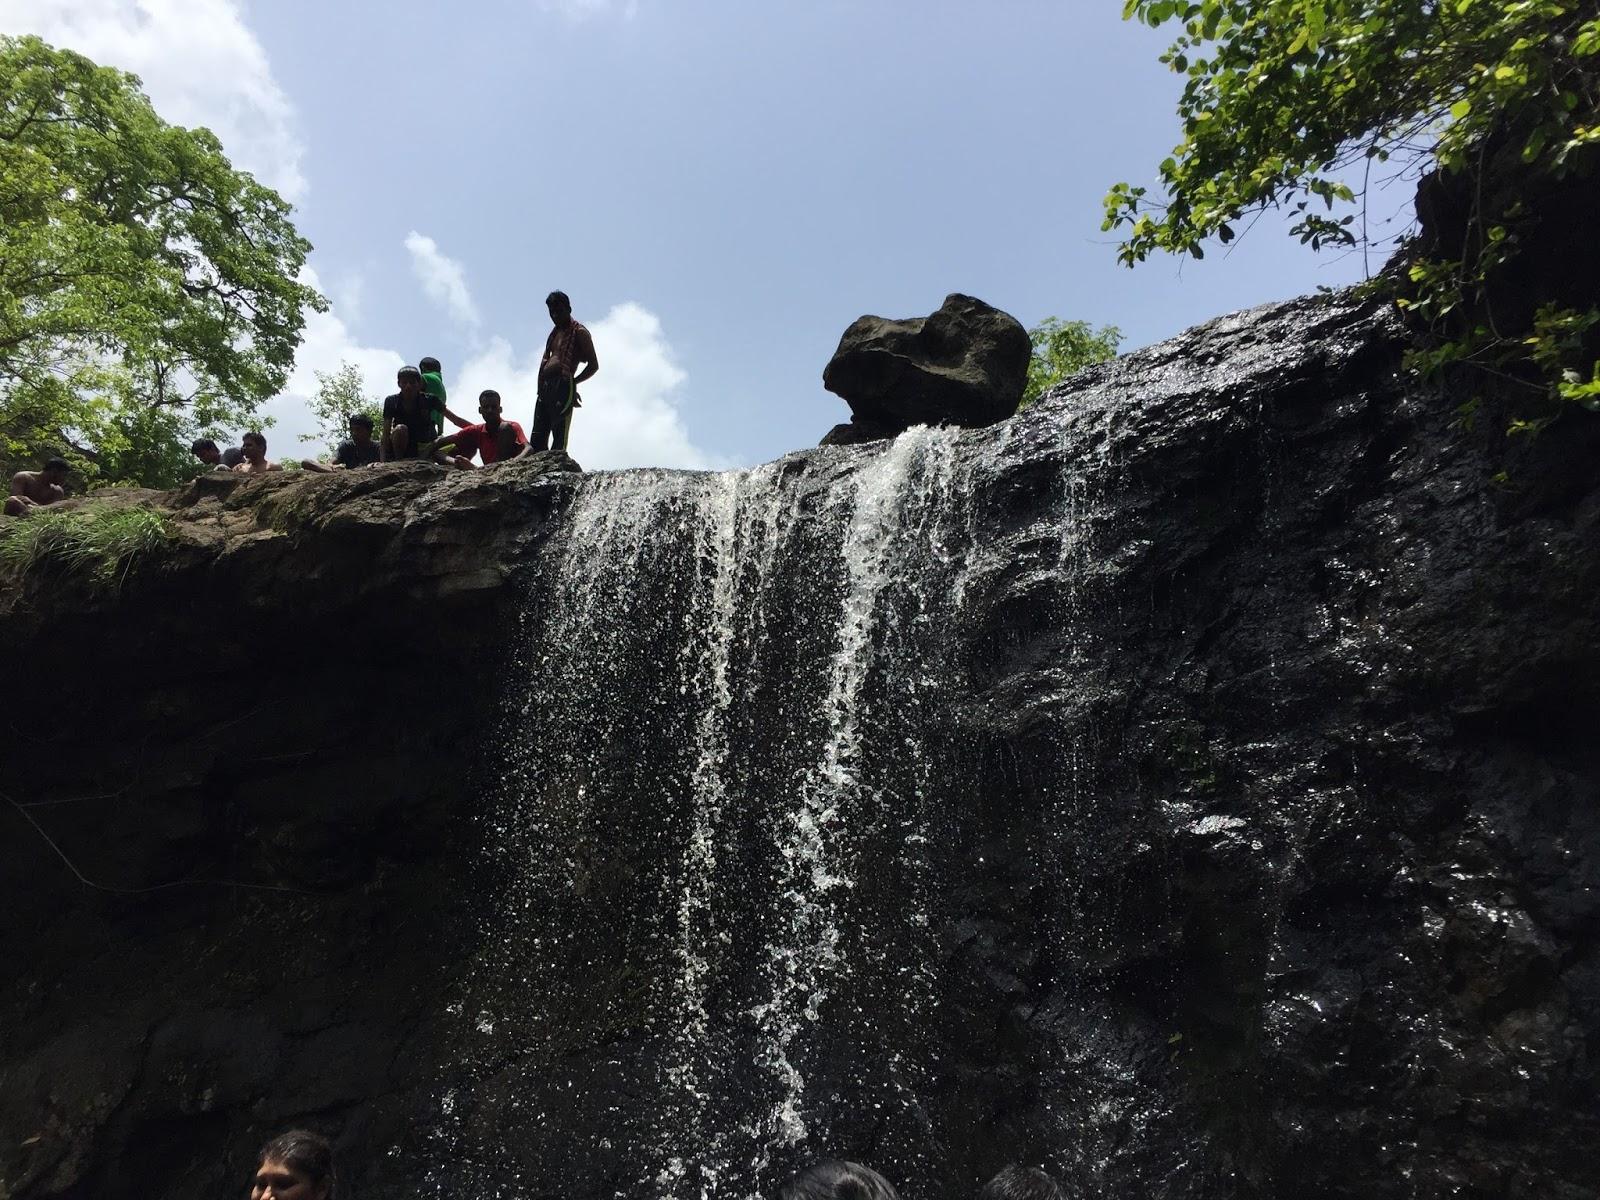 Zenith Waterfall Khopoli Images